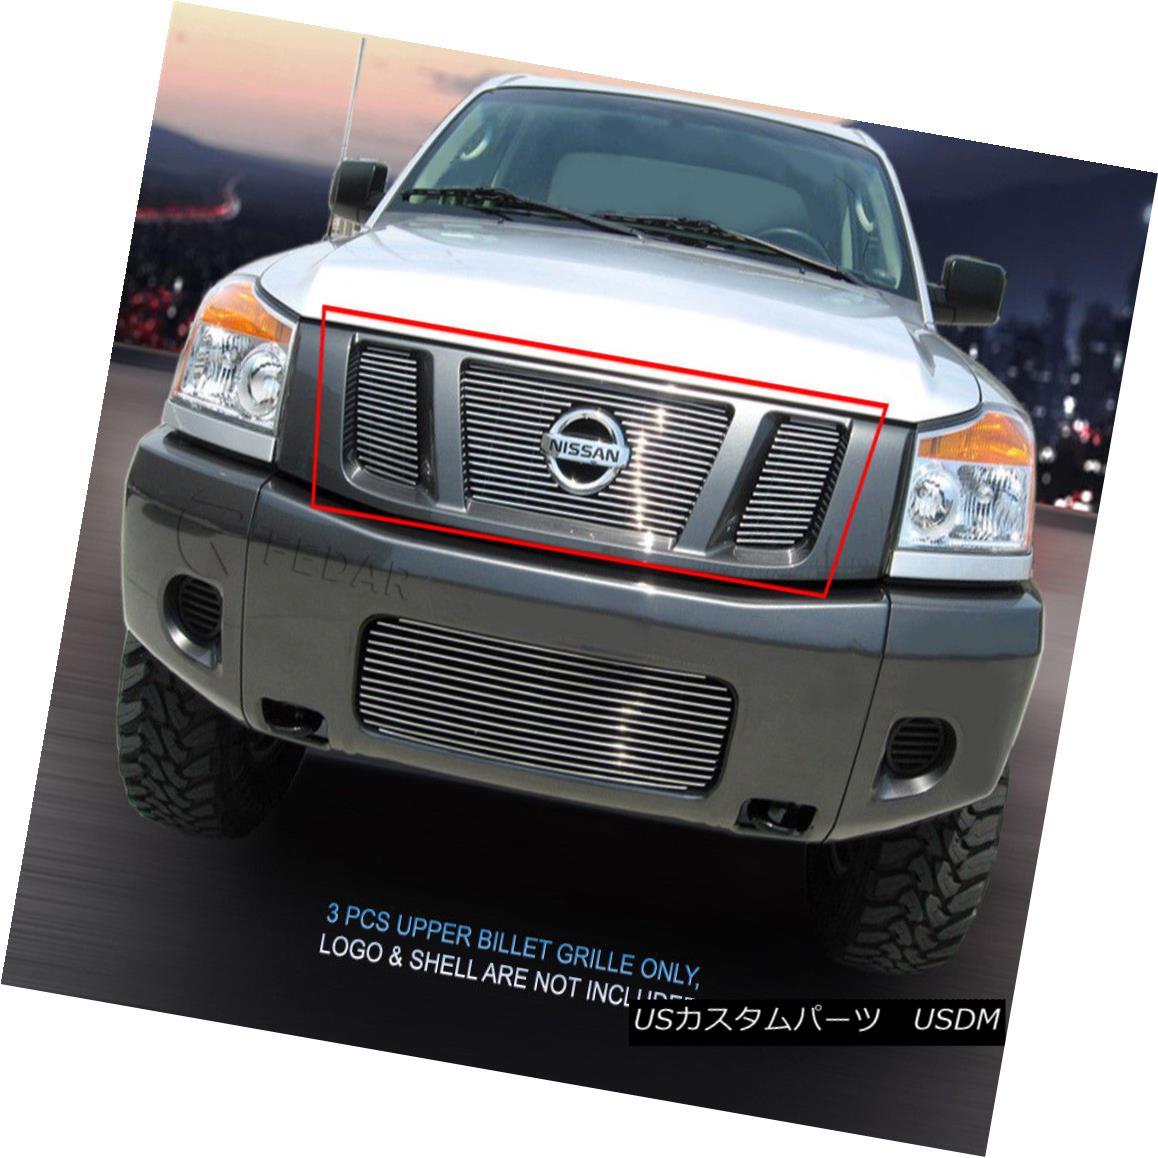 グリル Fits 2008 - 2015 Nissan Titan Billet Grille Grill Upper Insert 3 Pcs Fedar フィット2008年 - 2015日産タイタンビレットグリルグリルアッパーインサート3台のFedar